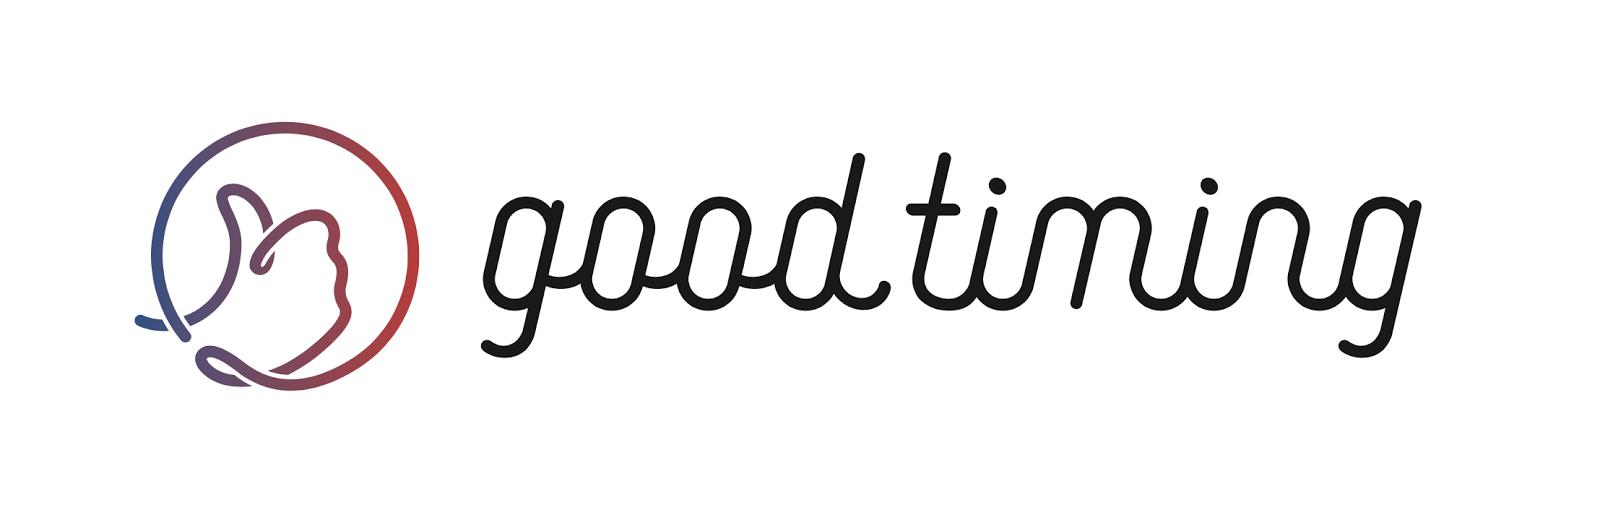 グッドタイミングブログ